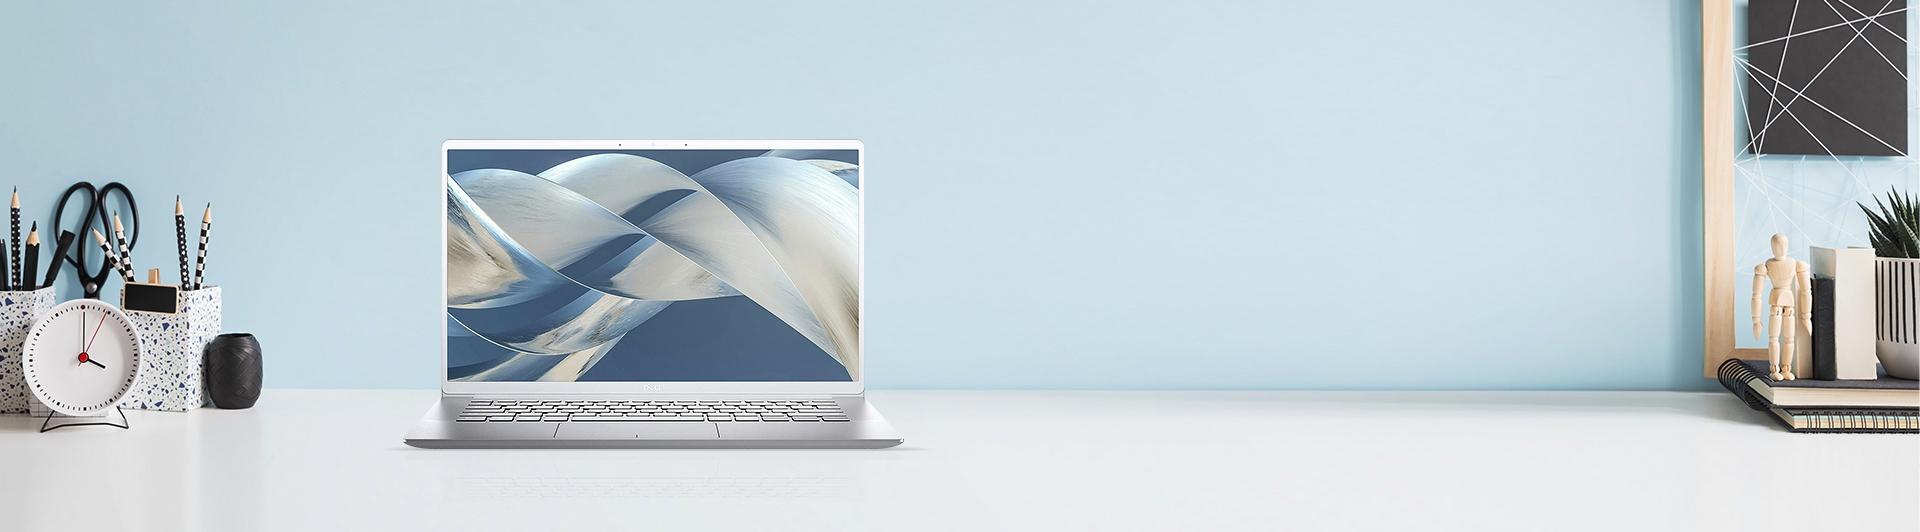 Dell Inspiron 7490 i7-10510U 14 inch 6RKVN1